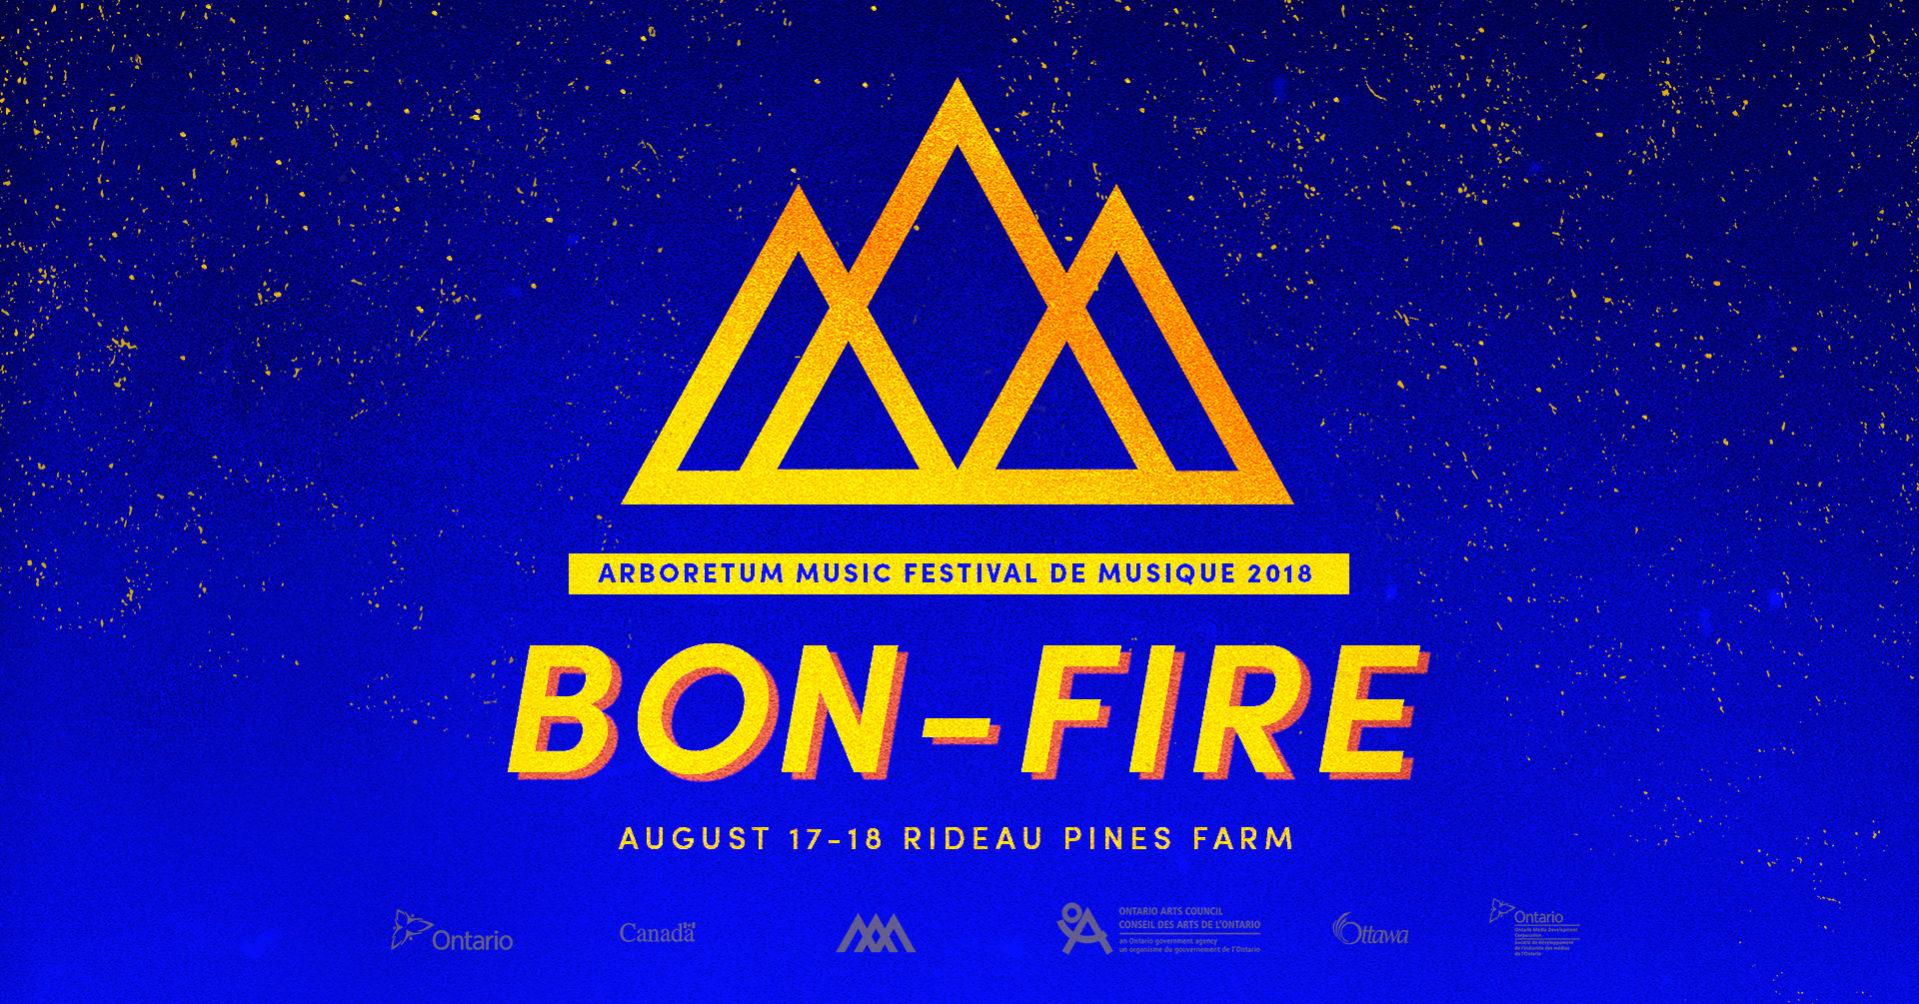 BON-FIRE_fb-banner_v1